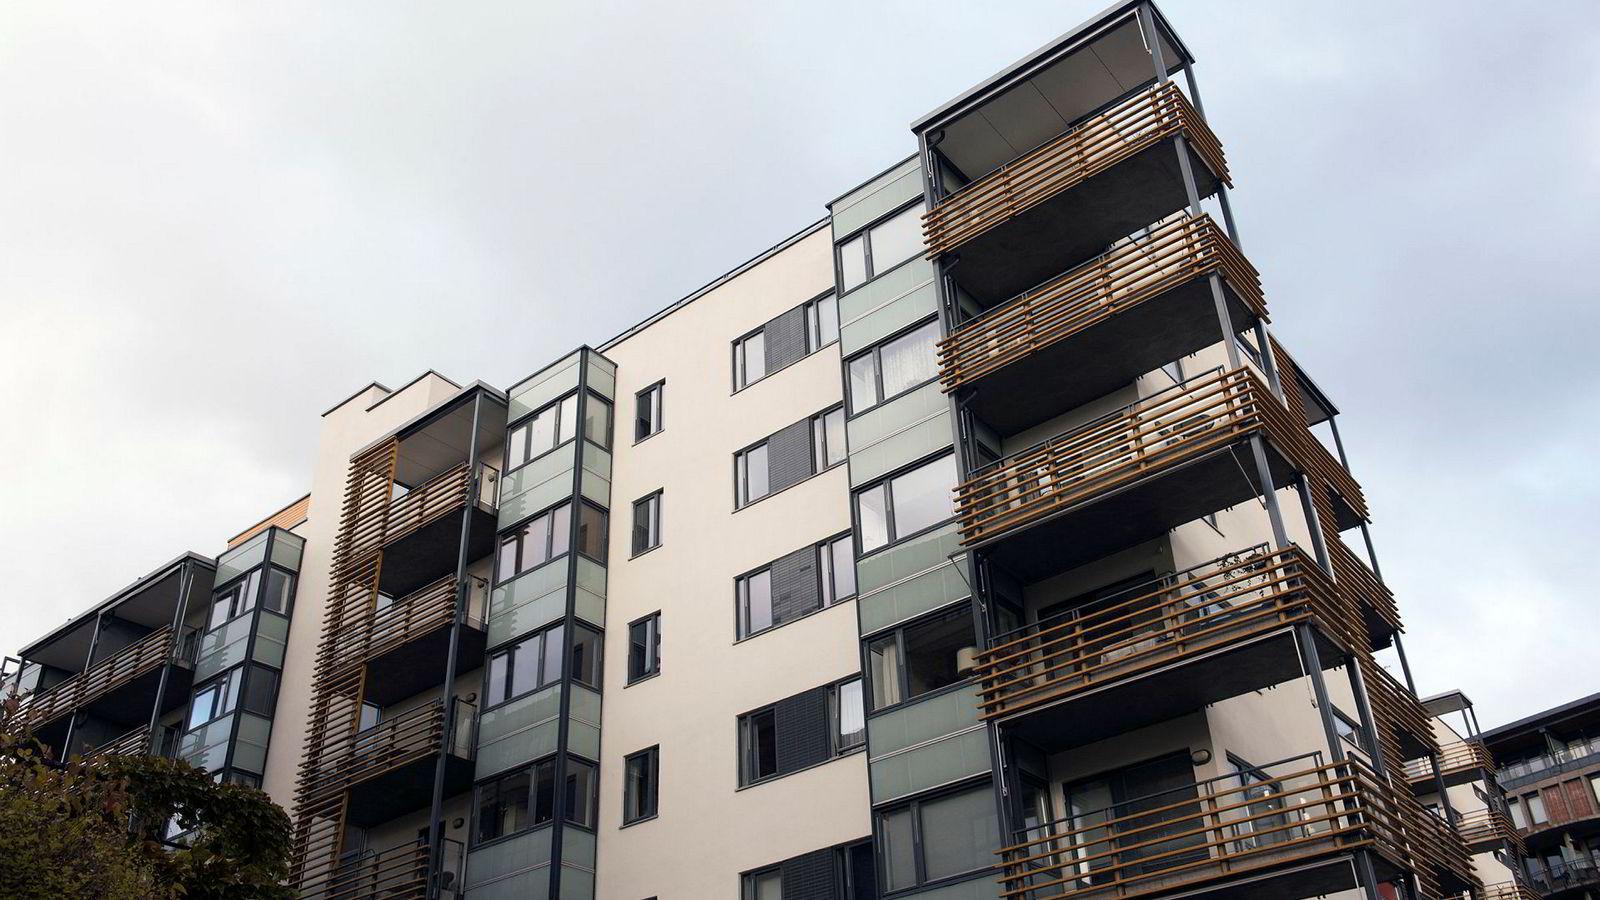 Et nytt høringsforslag skal gjøre leiligheter billigere og enklere å få ut på markedet.